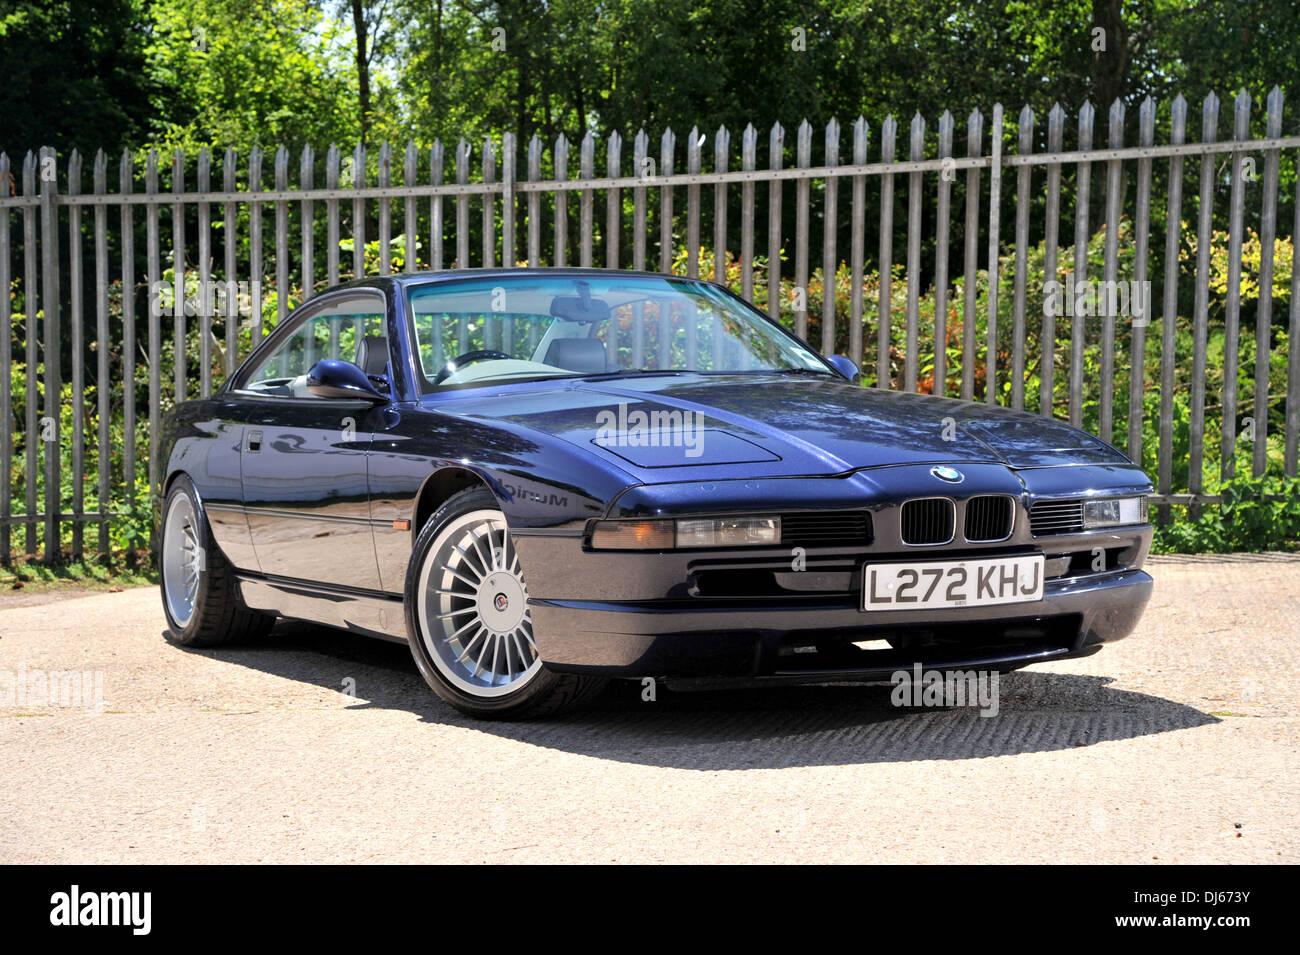 1993 BMW 850i Deutsch V8 Super Coupe Jetzt Einen Oldtimer Stockbild